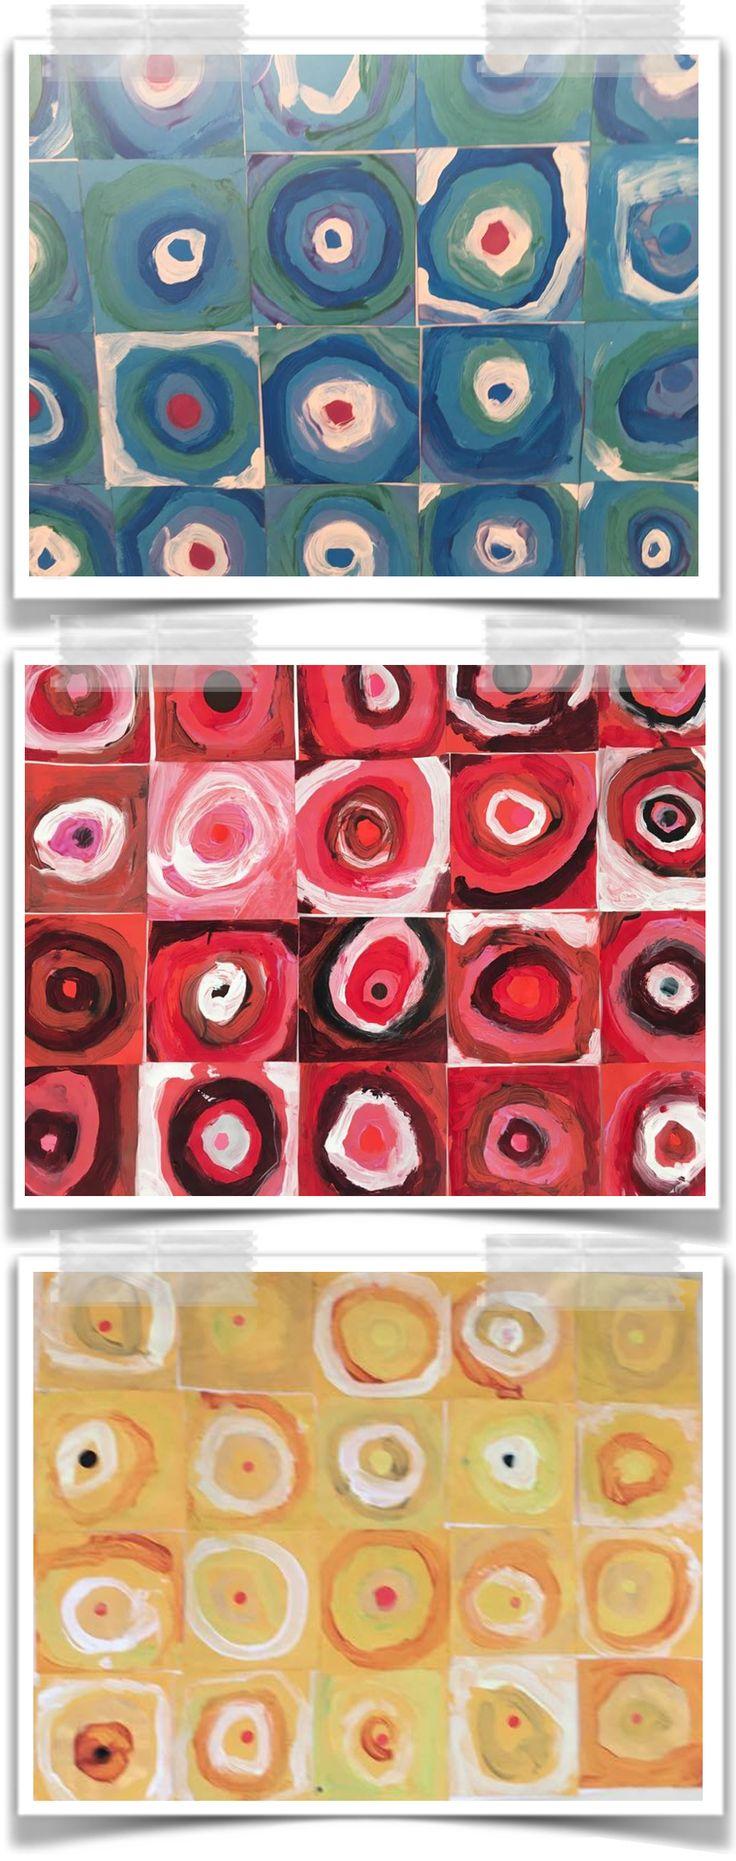 À la manière de...Kandinsky